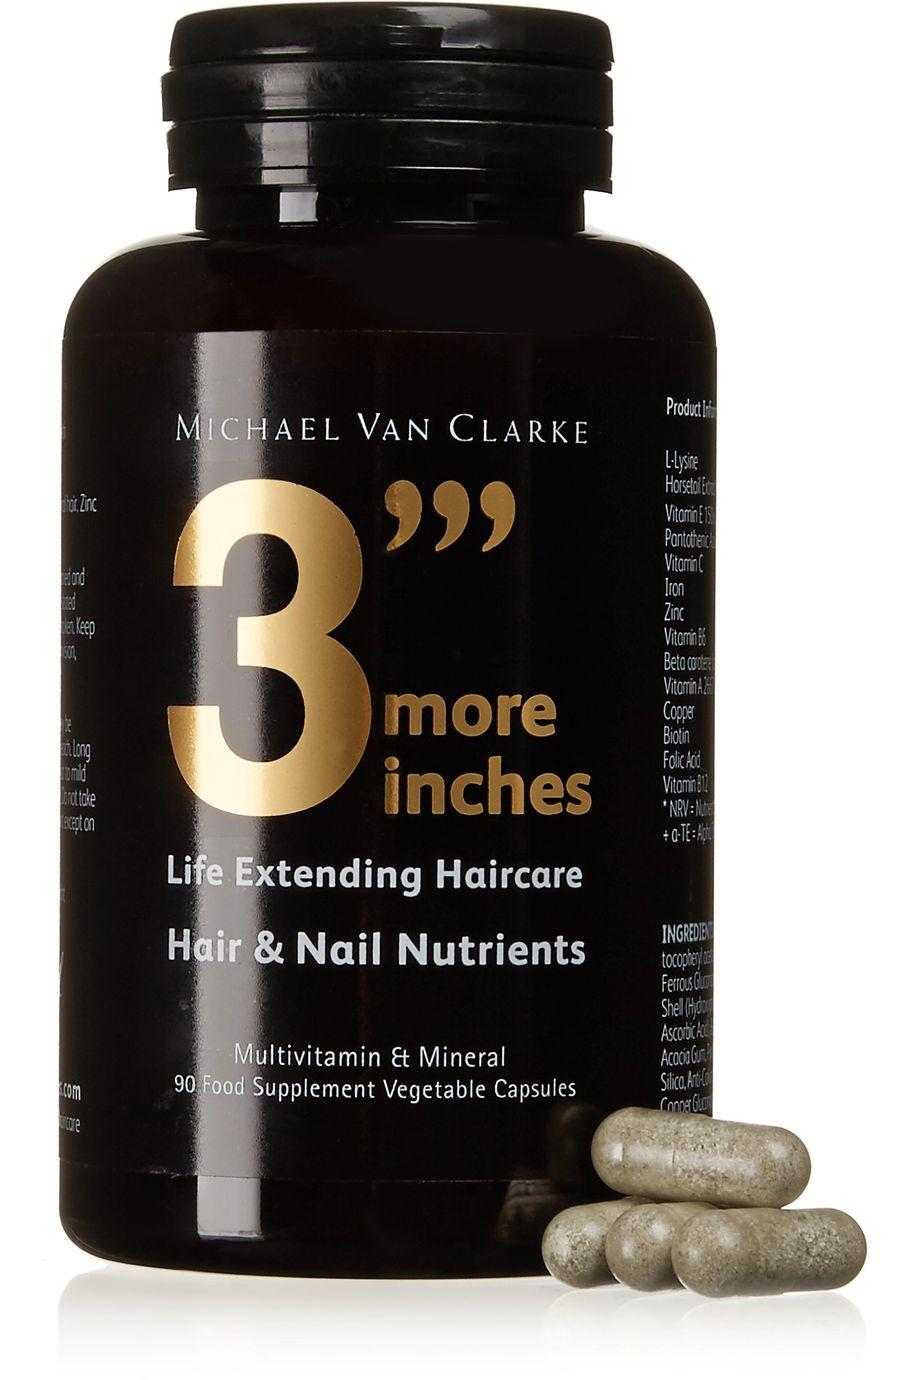 Michael Van Clarke Powershot Supplements (90 capsules)